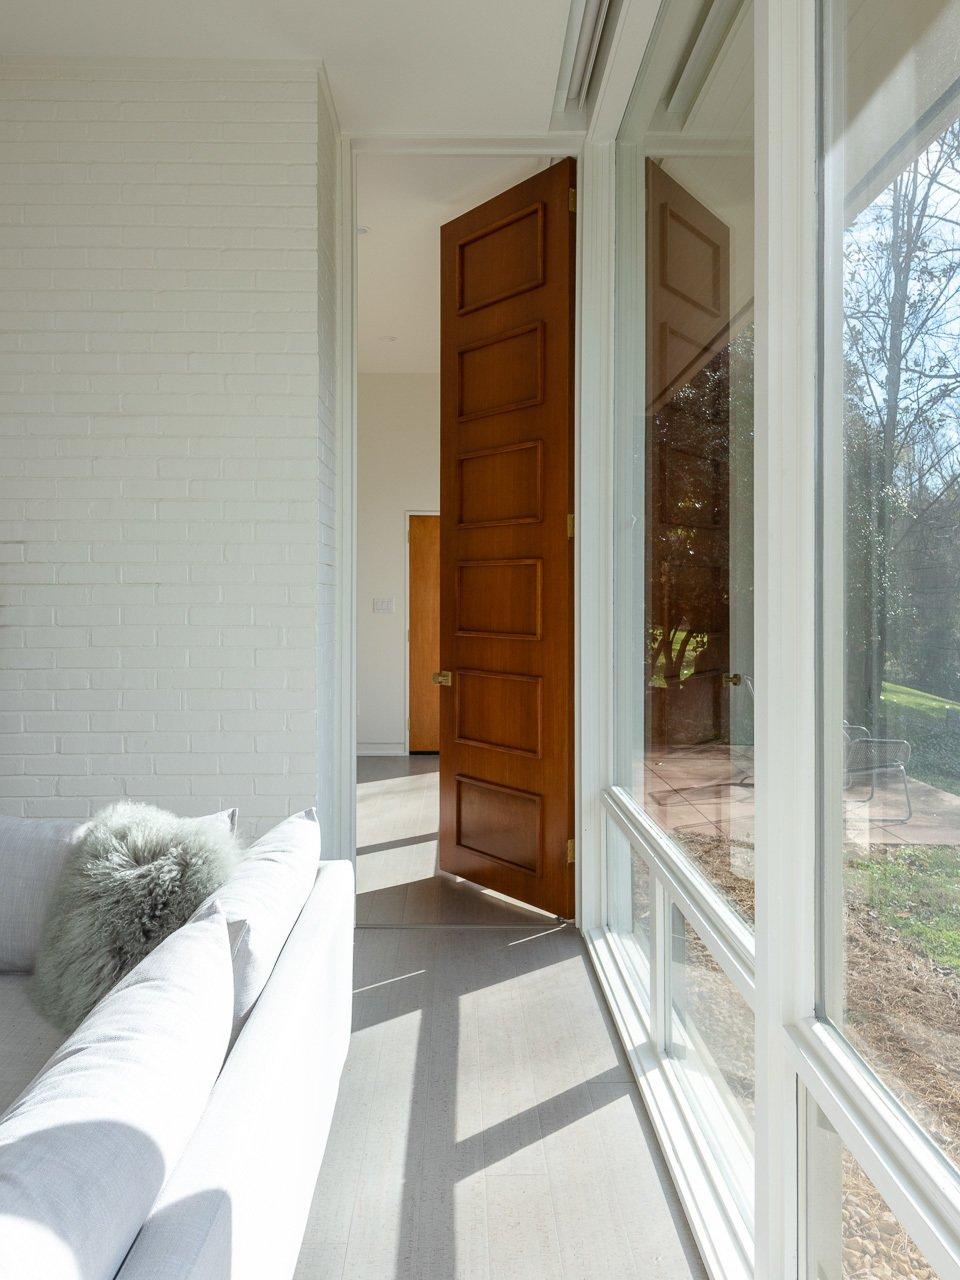 Stone Throw Edward Durell Stone Midcentury Home windows